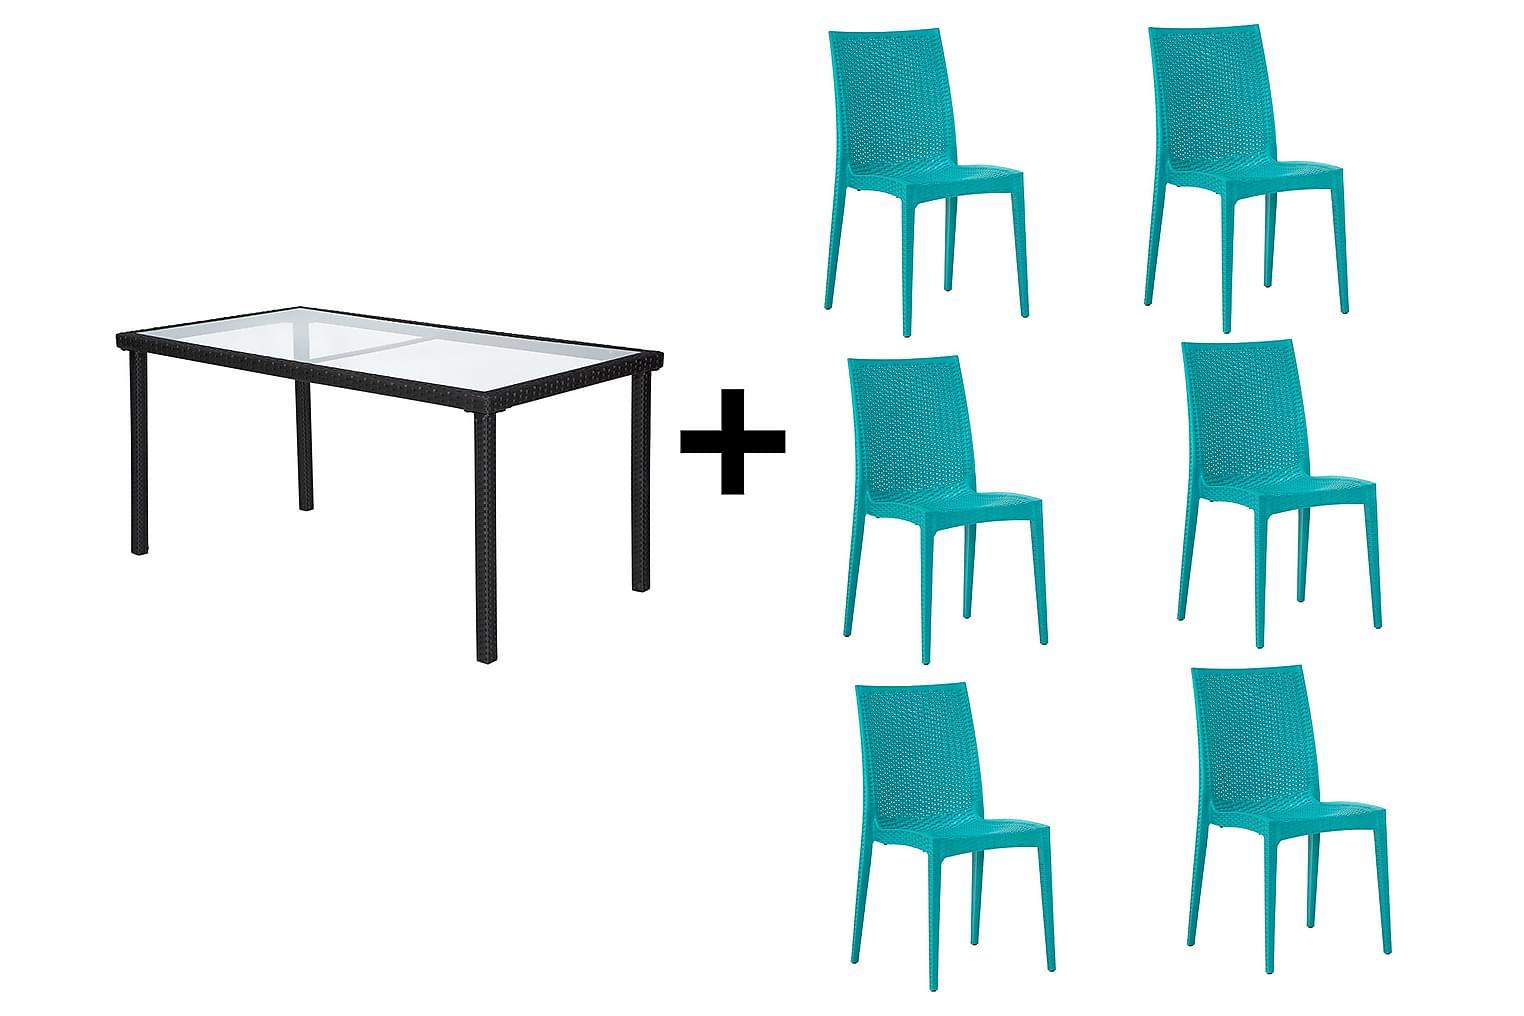 JULITA Pöytä 150 Musta + 6 LEORA Tuolia Turkoosi